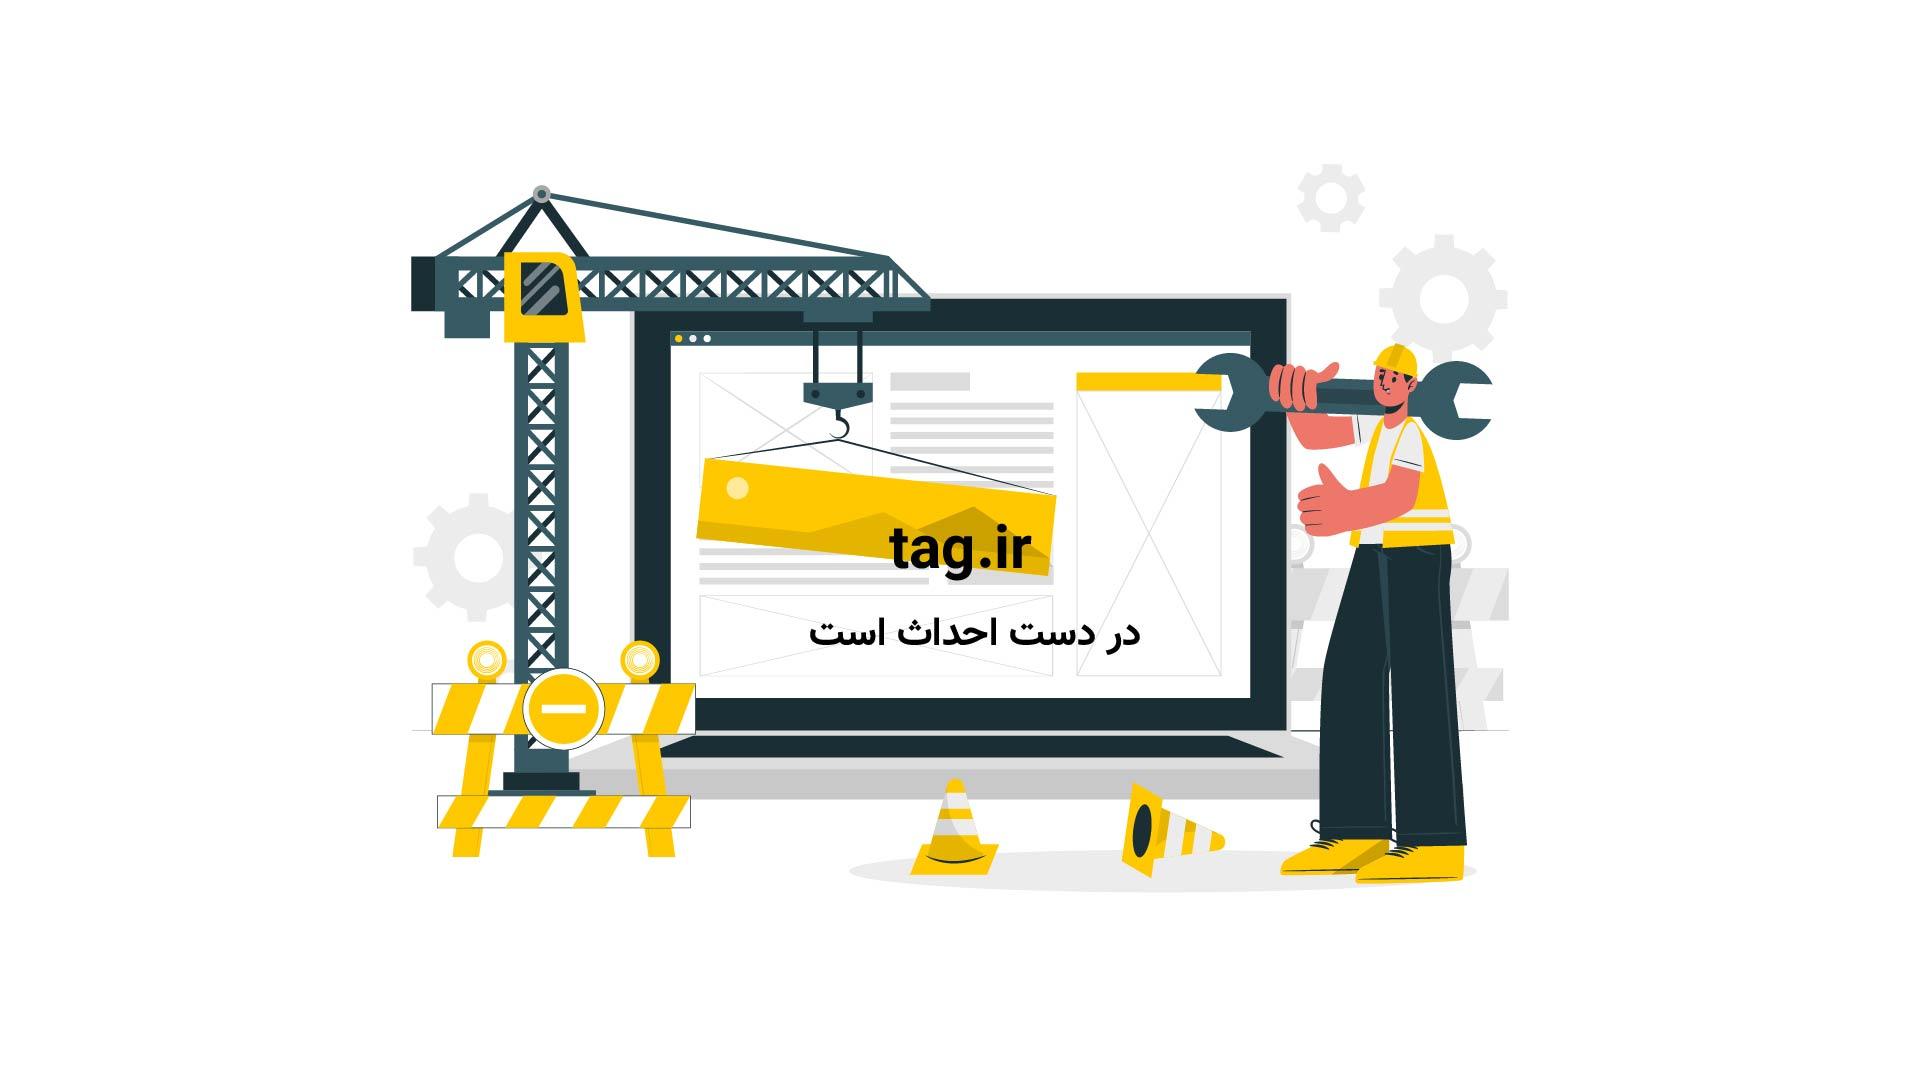 آموزش تهیه رولت گوشت با روکش بیکن | فیلم